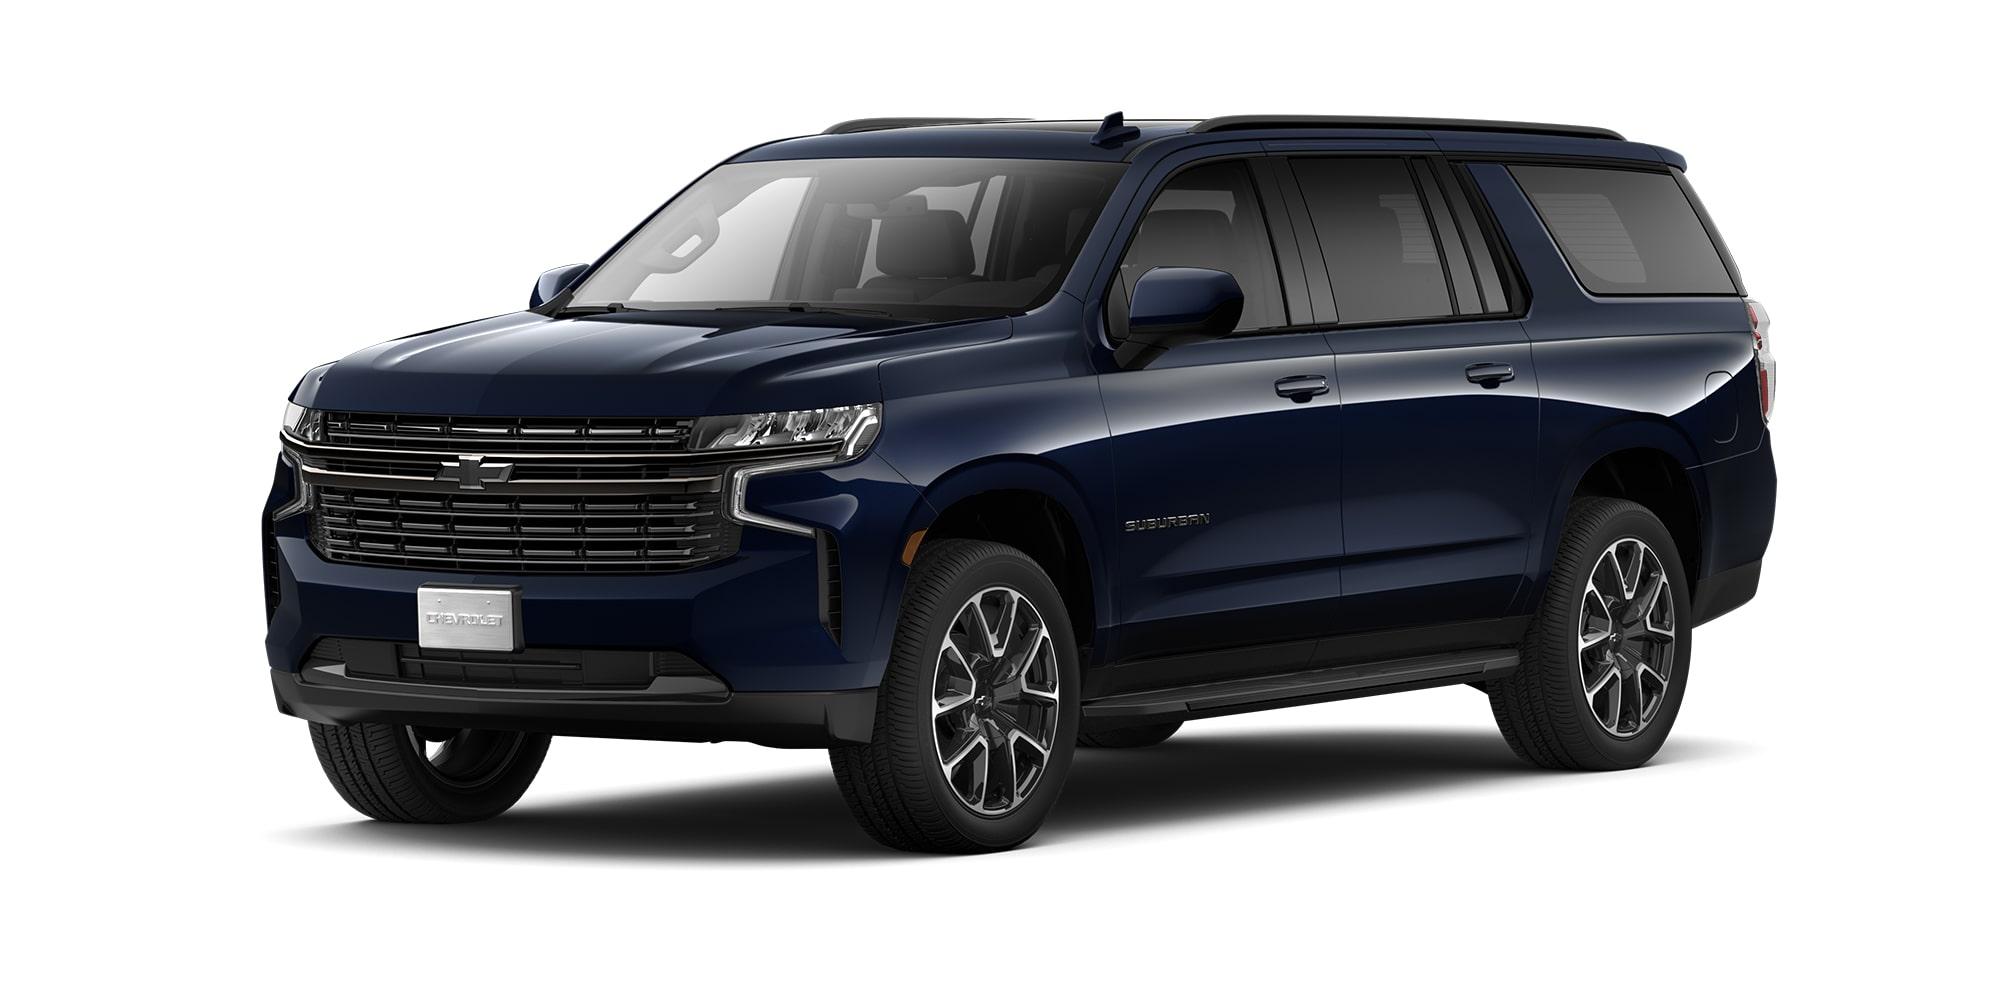 Chevrolet Suburban 2021, Camioneta para 8 pasajeros en su versión RST